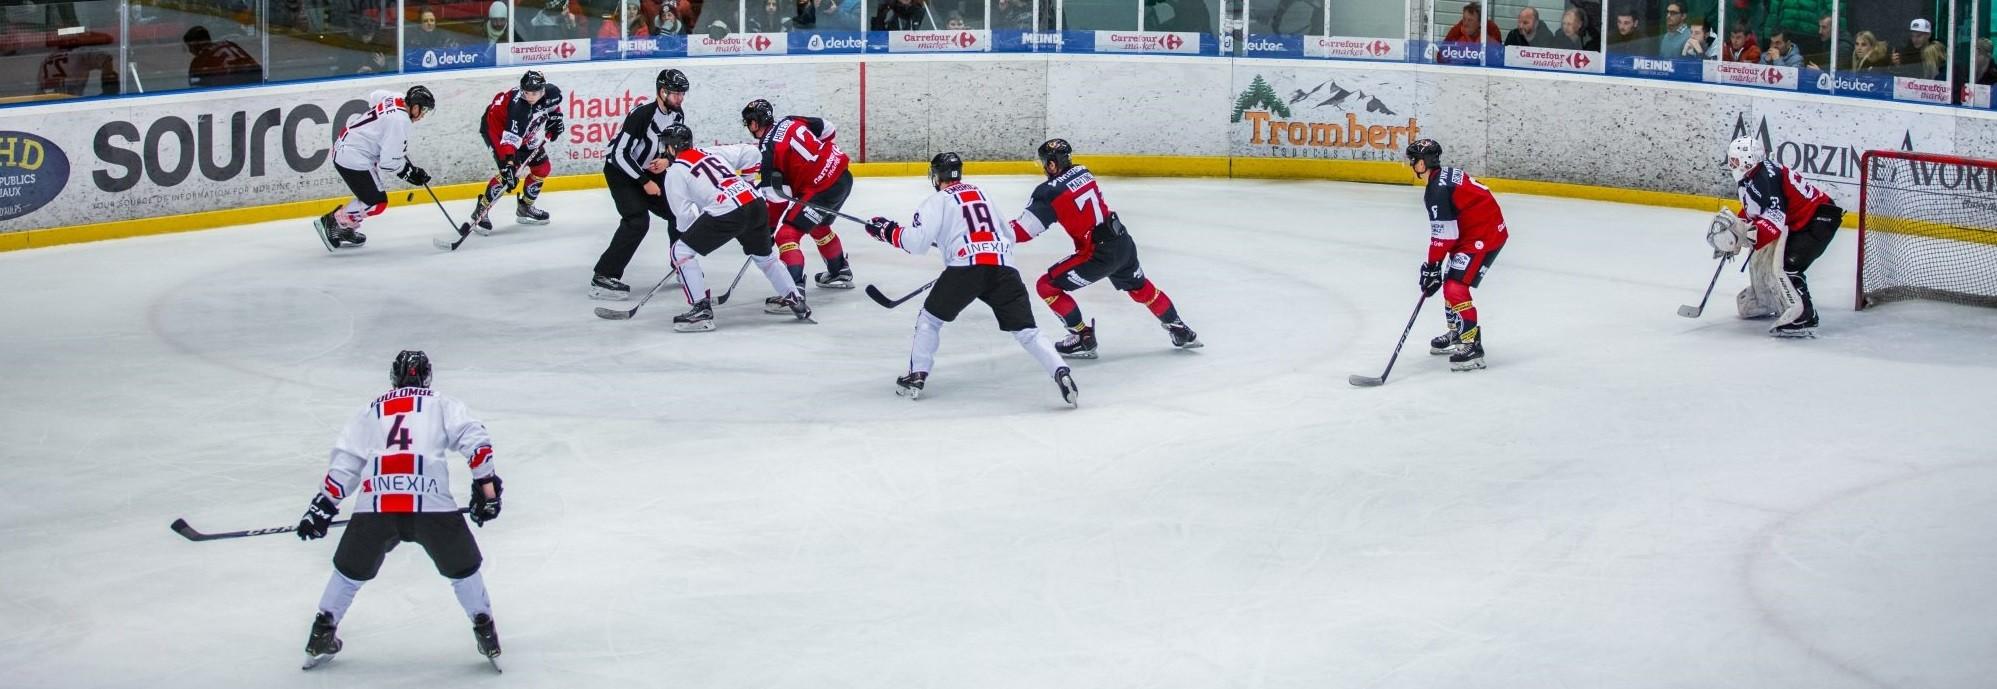 Большой дисциплинарный штраф в хоккее